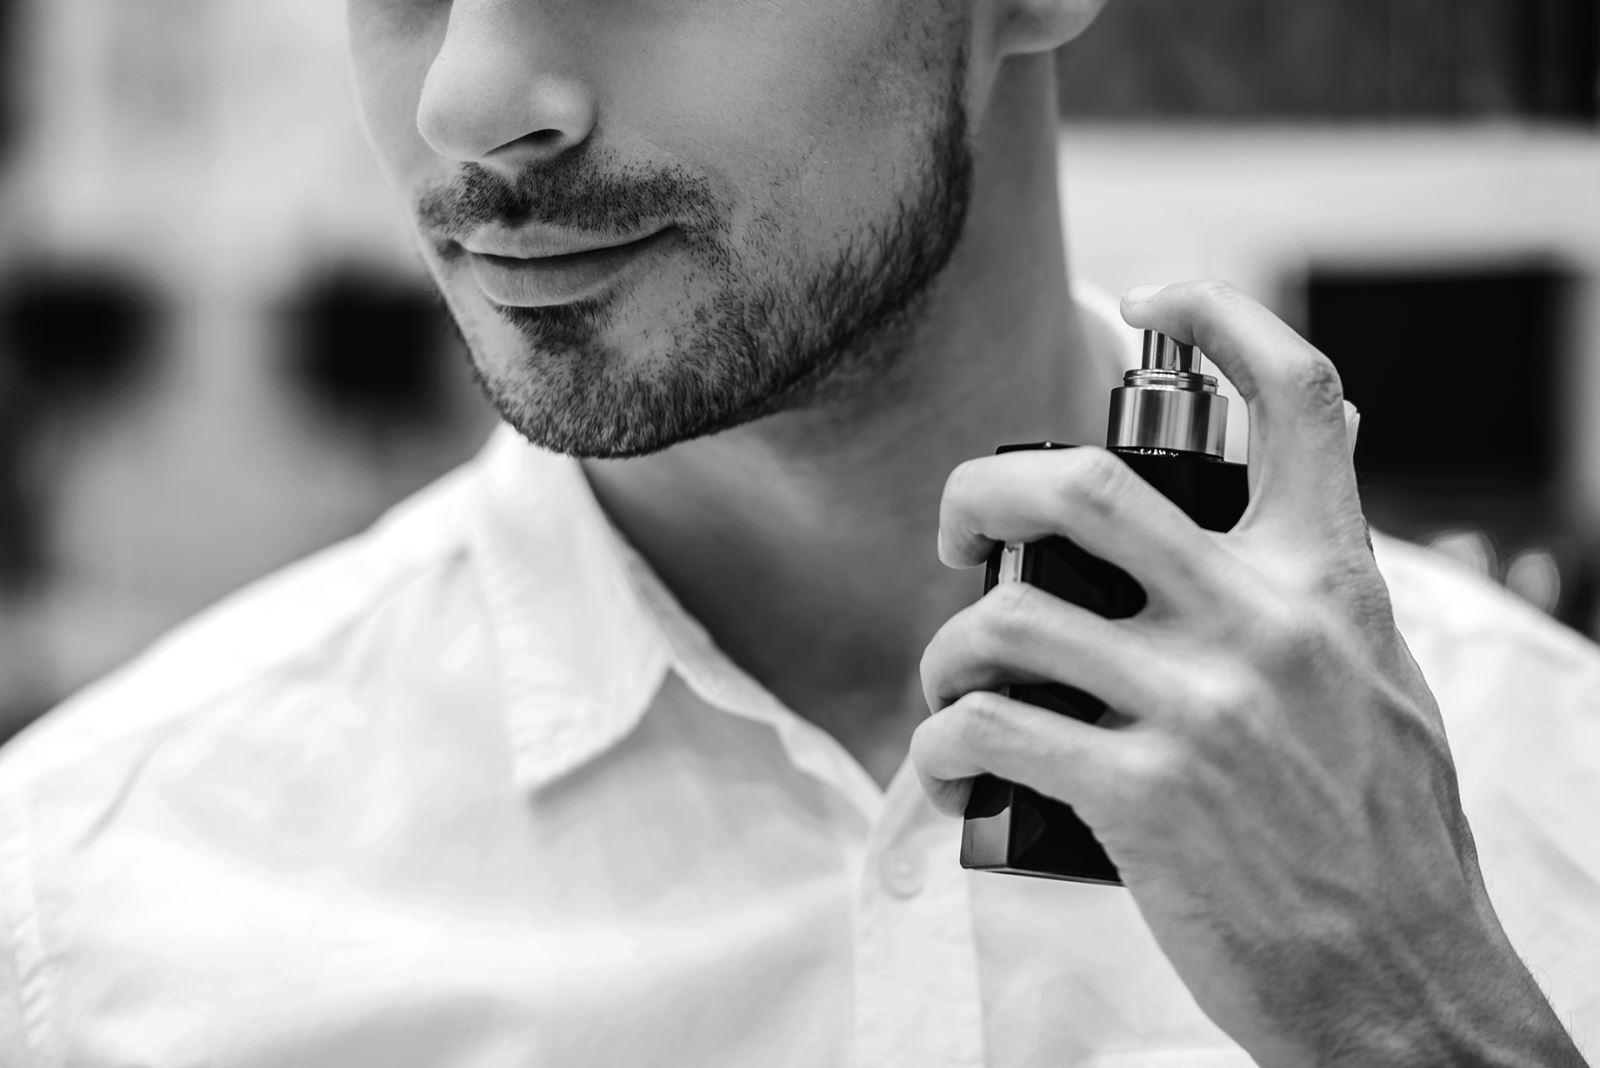 Cách sử dụng nước hoa cho nam CHUẨN bạn đã biết chưa?